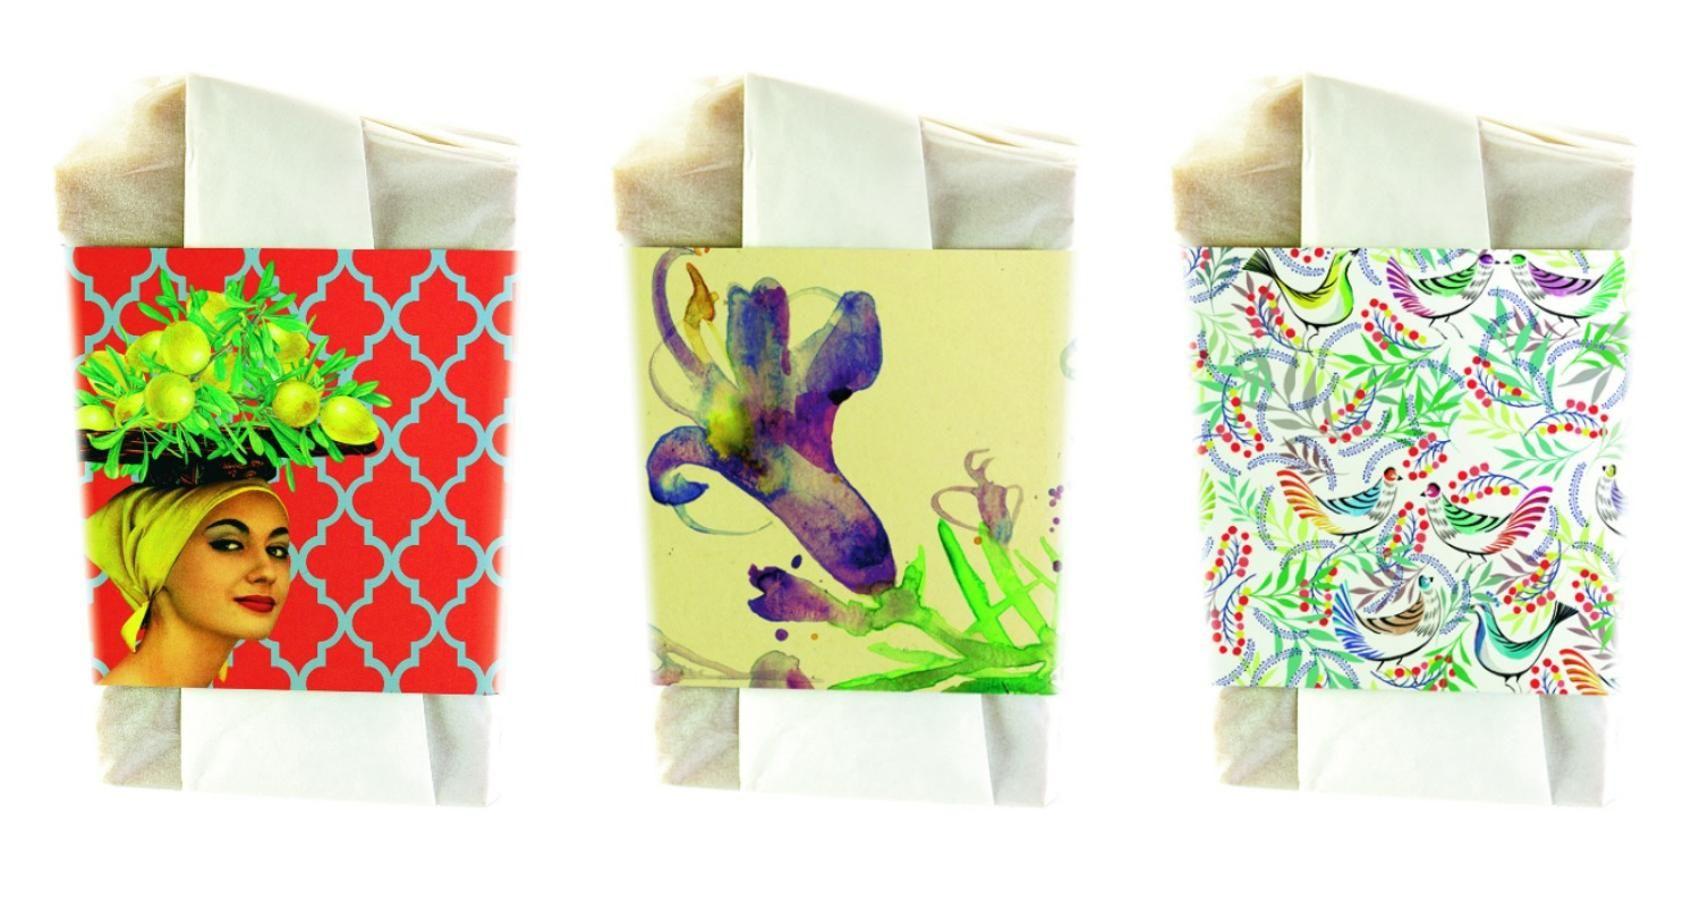 La firma Los jabones de mi mujer ha creado una edición limitada de ocho pastillas, ideadas por otros tantos artistas. Es una edición solidaria, cuyas ventas se destinarán a la Asociación Caminantes, que firman Sean Mckaoui,Raúl Arias, Ana Gabarrón o Alicia Malesani, entre otros.